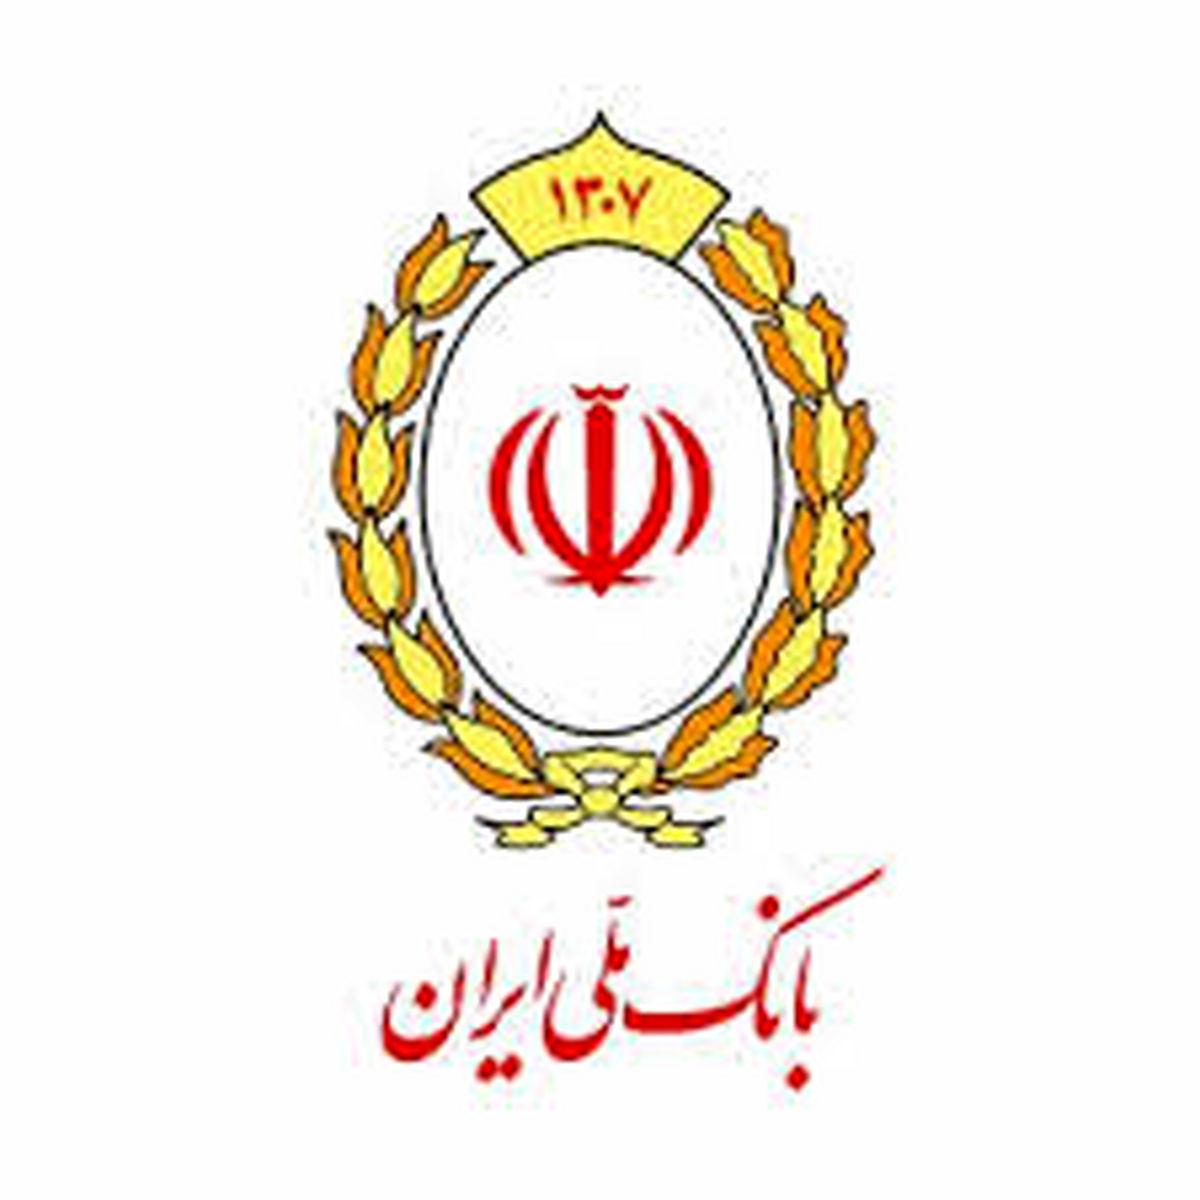 هفتمین مرحله توزیع کمک های مومنانه کارکنان بانک ملی ایران